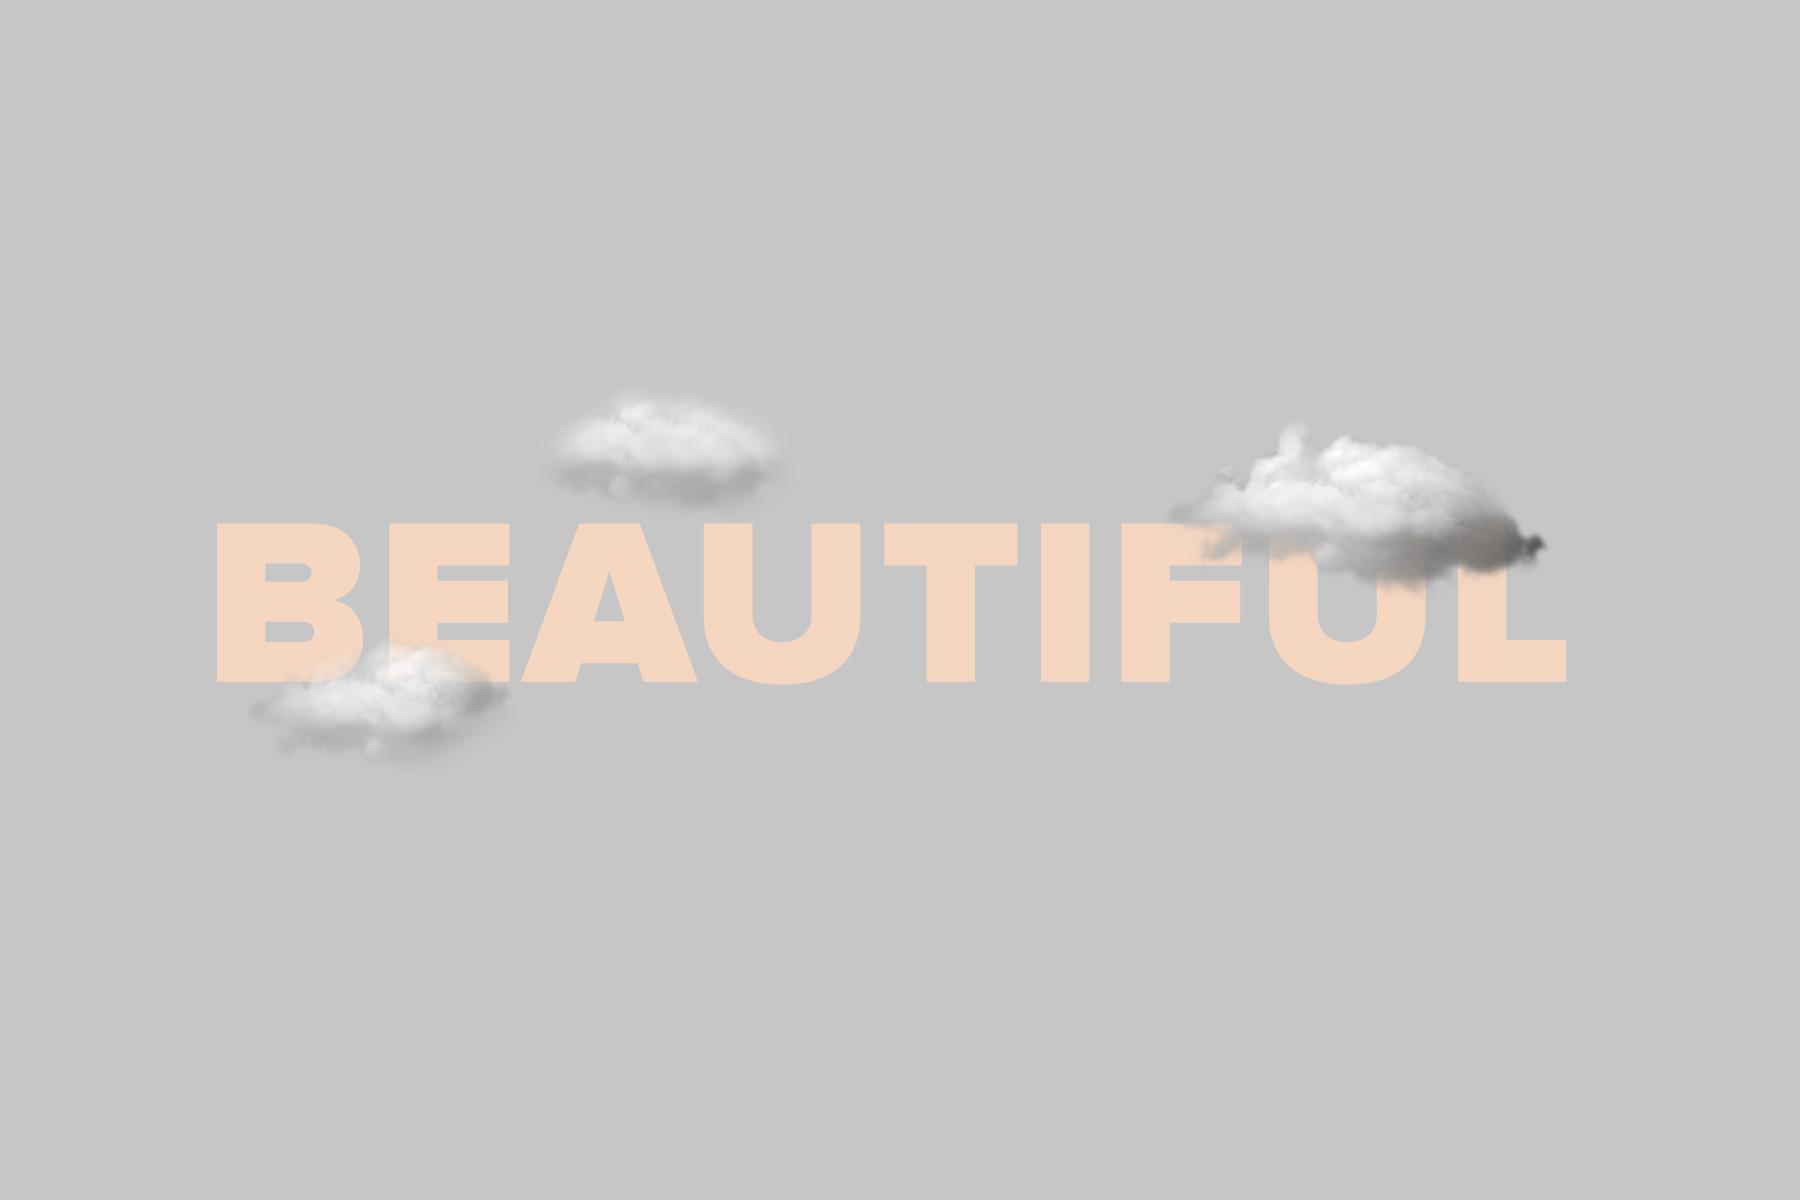 beautiful.jpg